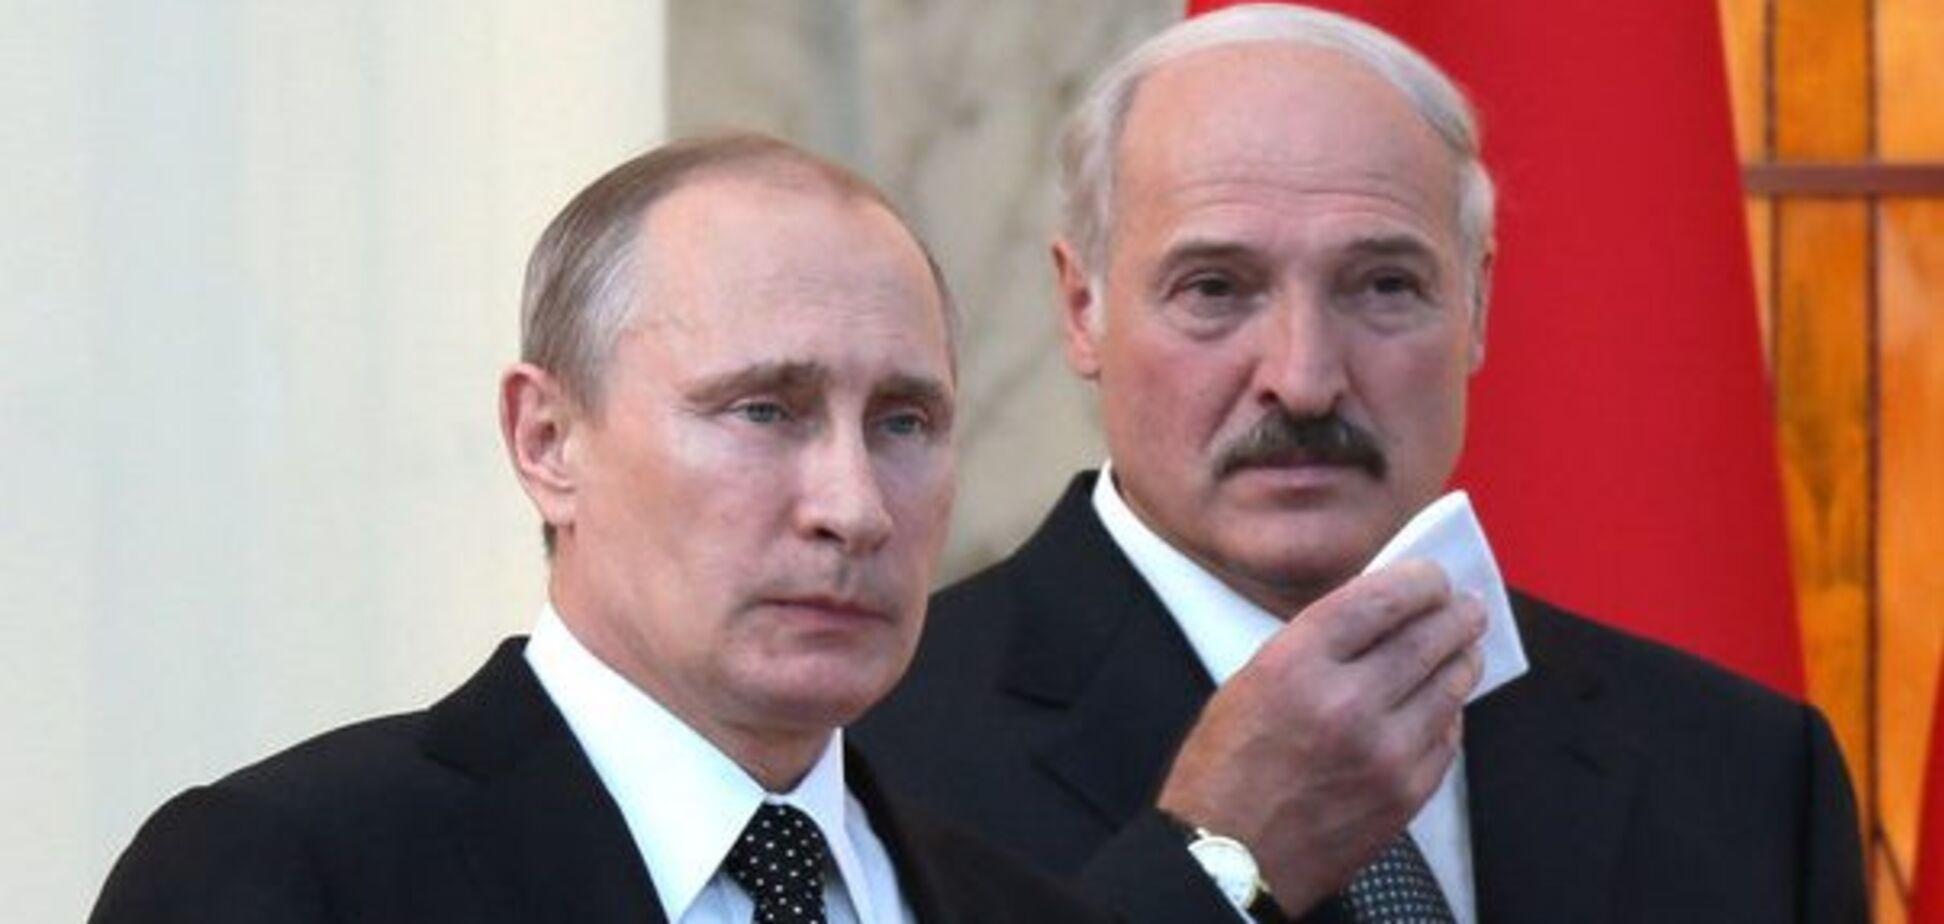 Є загроза: коли Путін може покінчити з незалежністю Білорусі